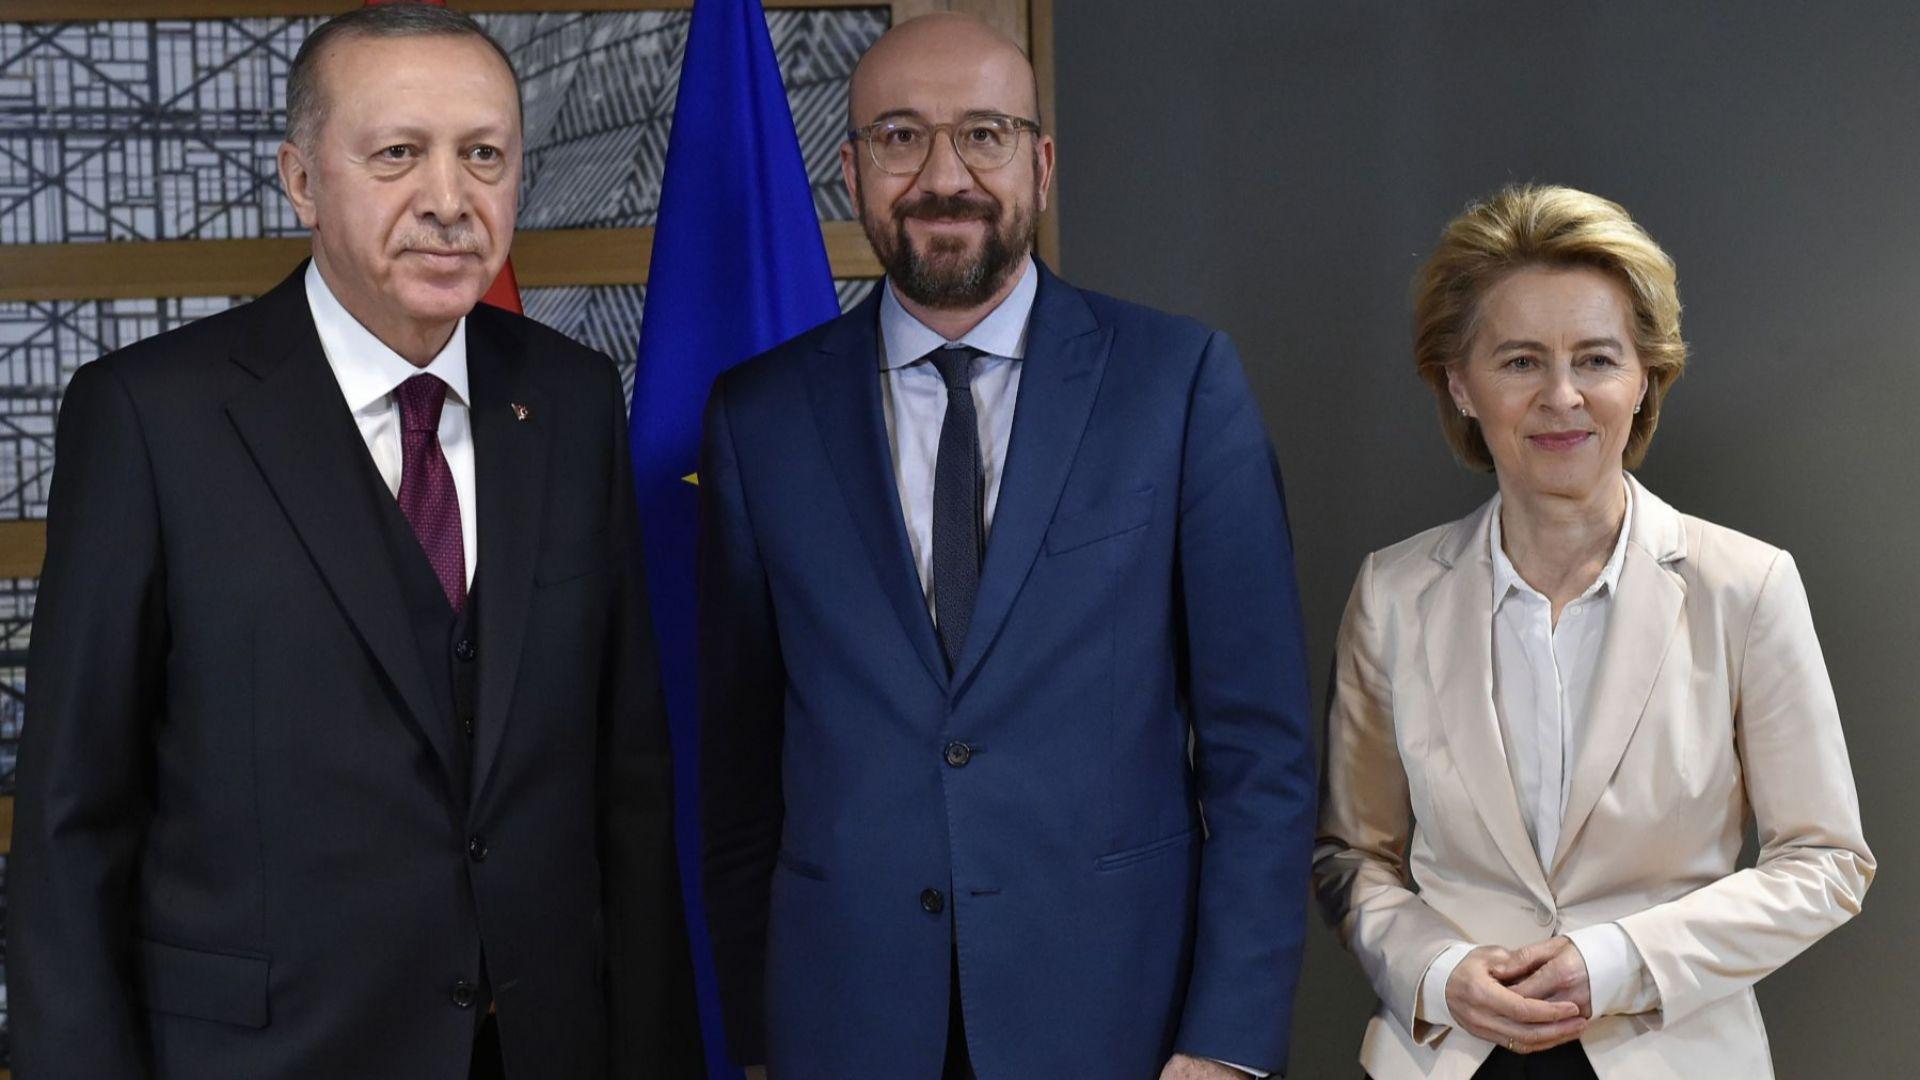 Извънредна среща в Брюксел: Фон дер Лайен и Ердоган очертаха зоните на общ интерес